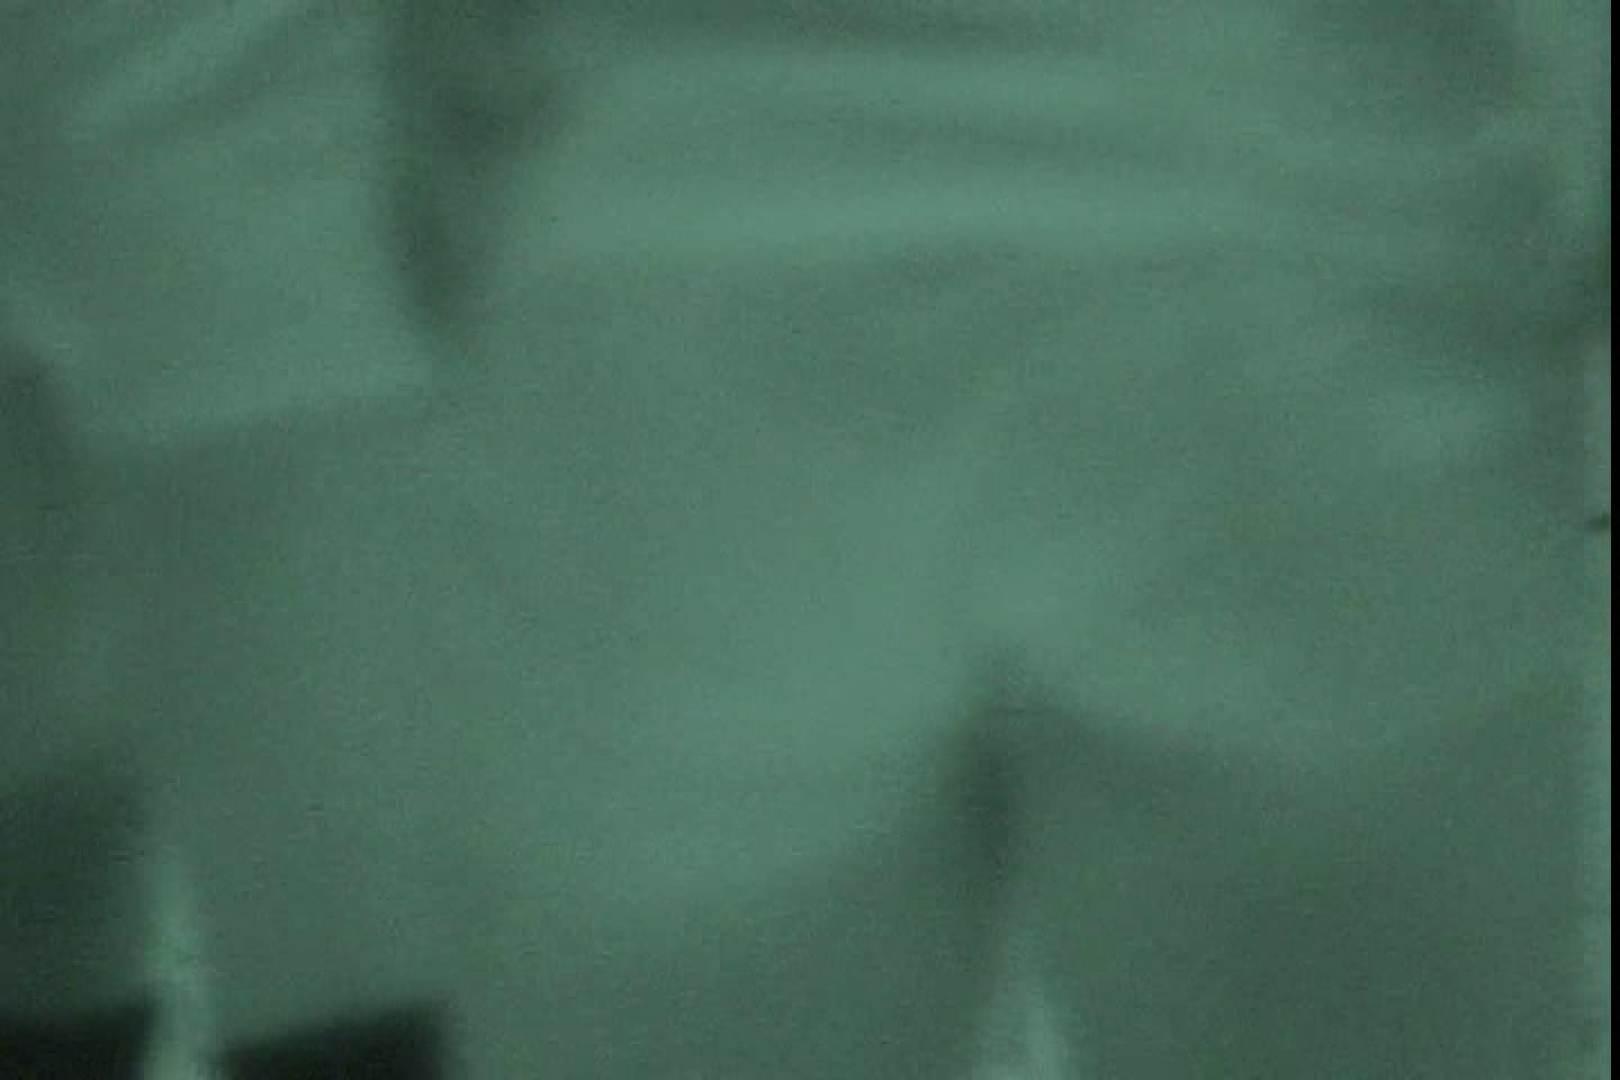 赤外線ムレスケバレー(汗) vol.02 OL女体 覗きおまんこ画像 84連発 62